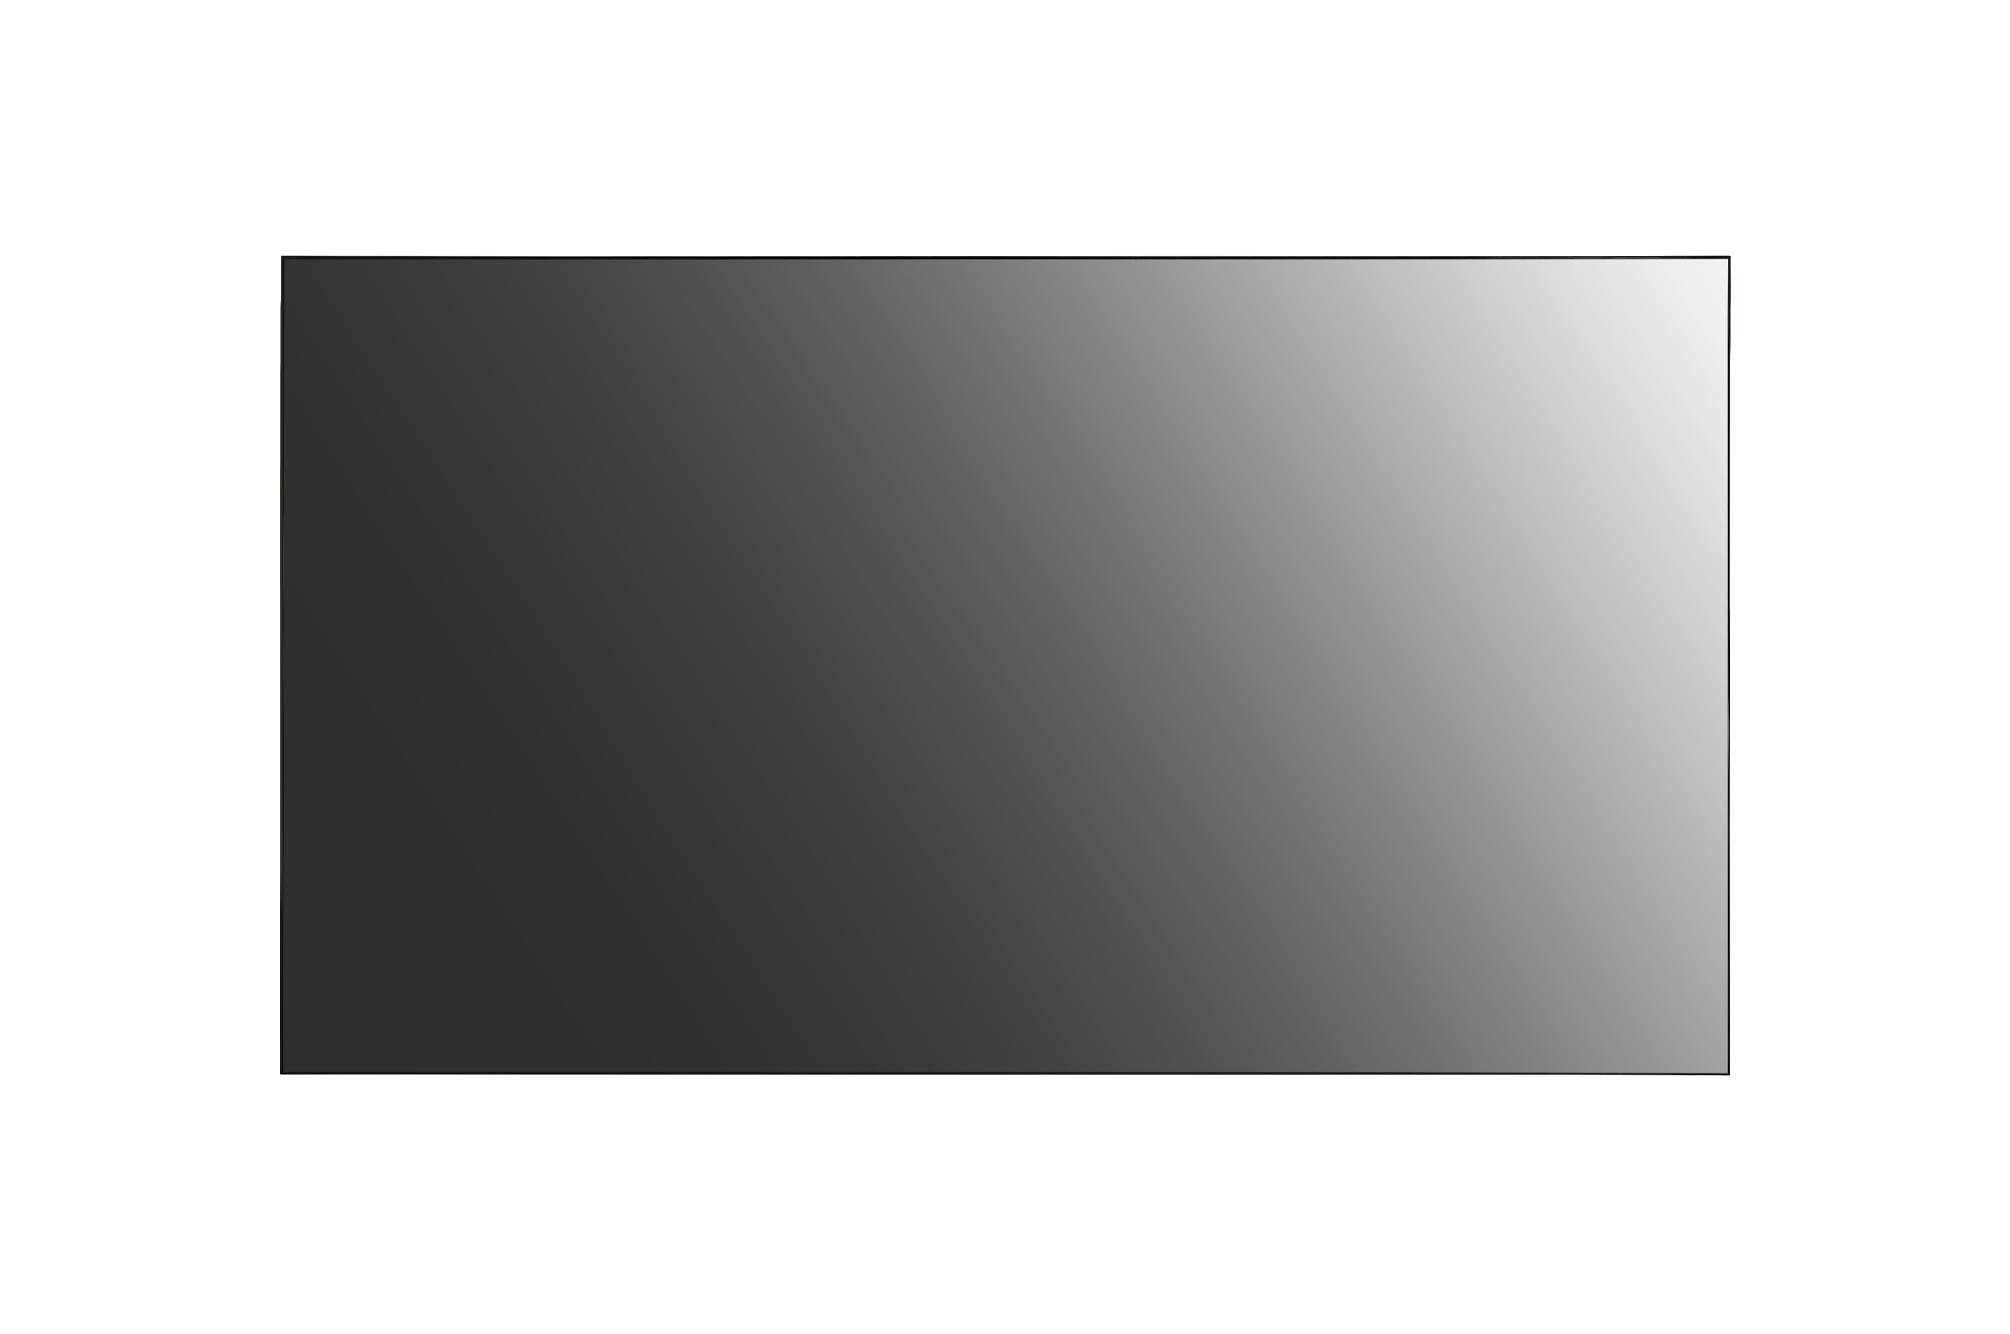 LG Video Wall 49VL7F-A 2